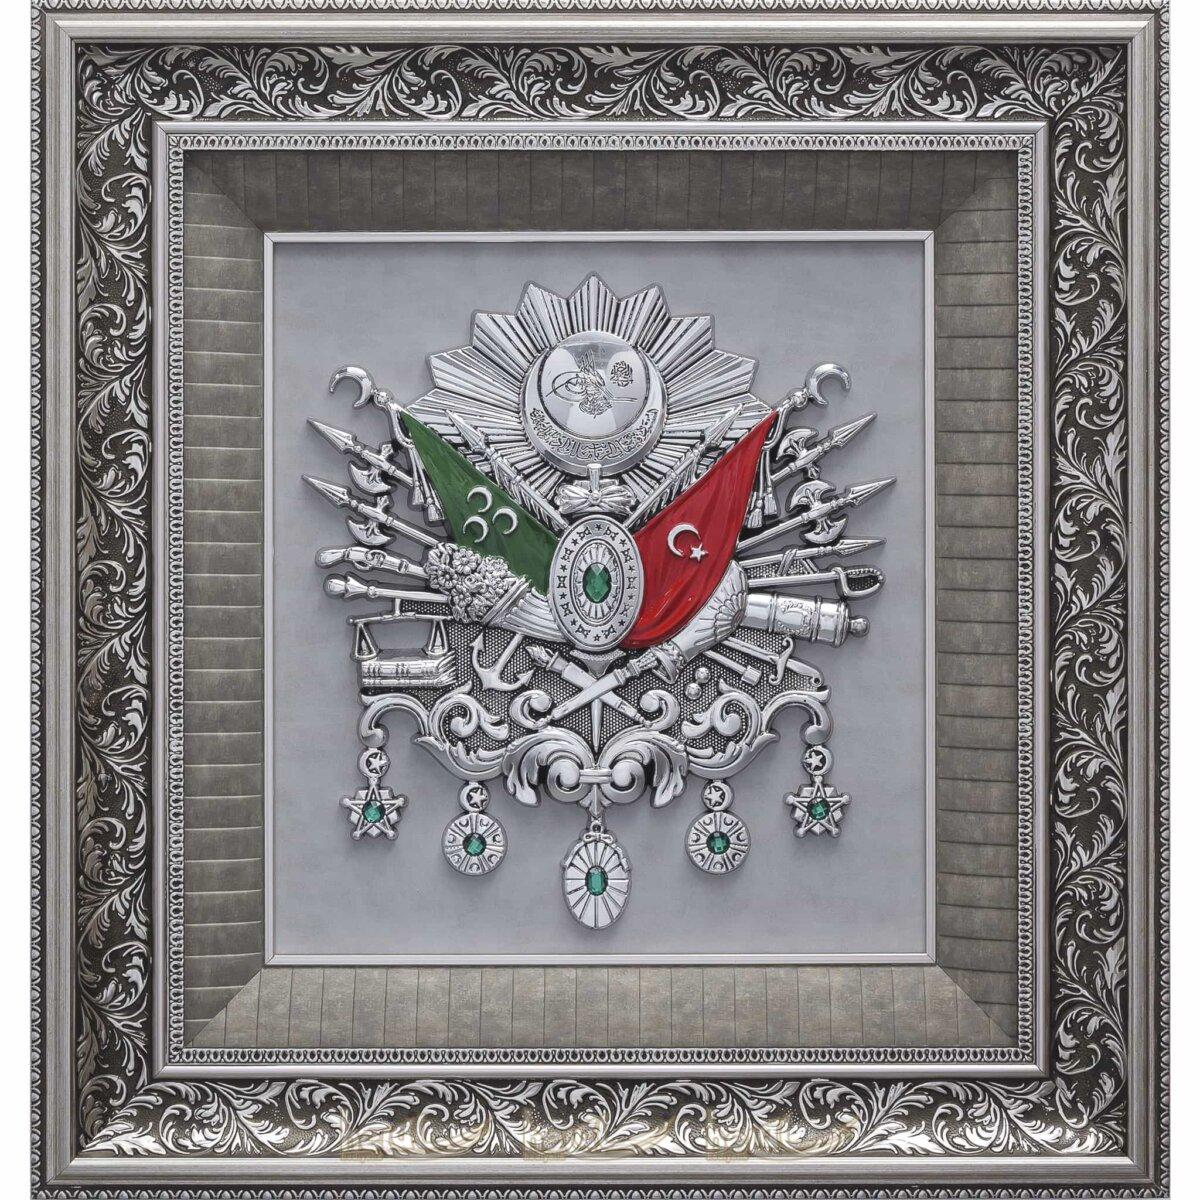 72x76cm Büyük Boy Osmanlı Devlet Arması Kabartma Lüks Çerçeveli Tablo Osmanlı Tabloları